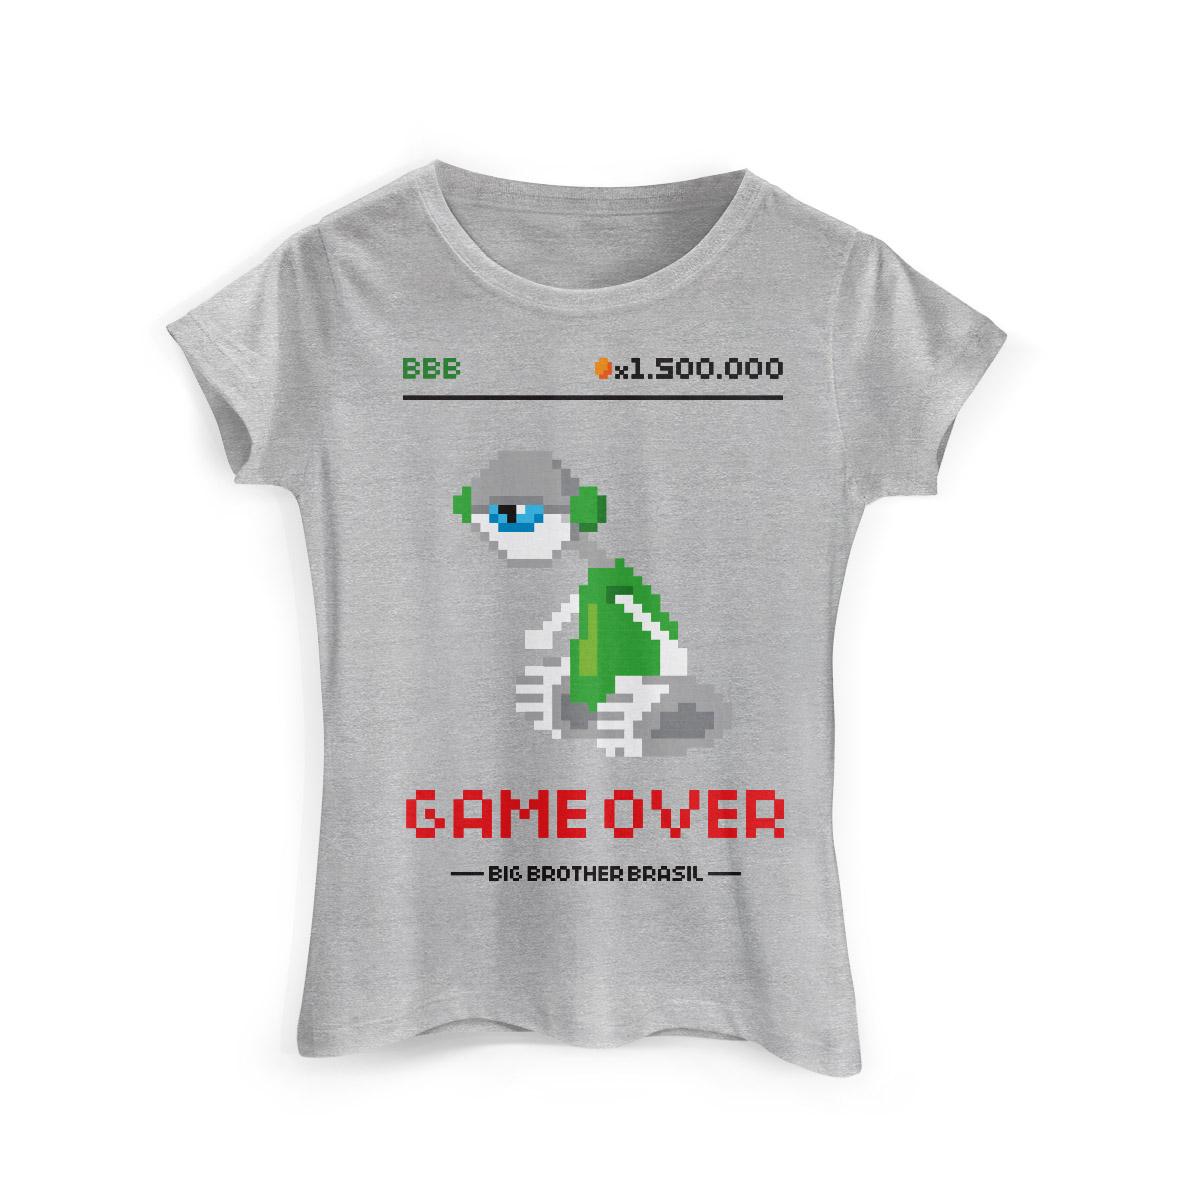 Camiseta Feminina Big Brother Brasil 15 Game Over Modelo 2